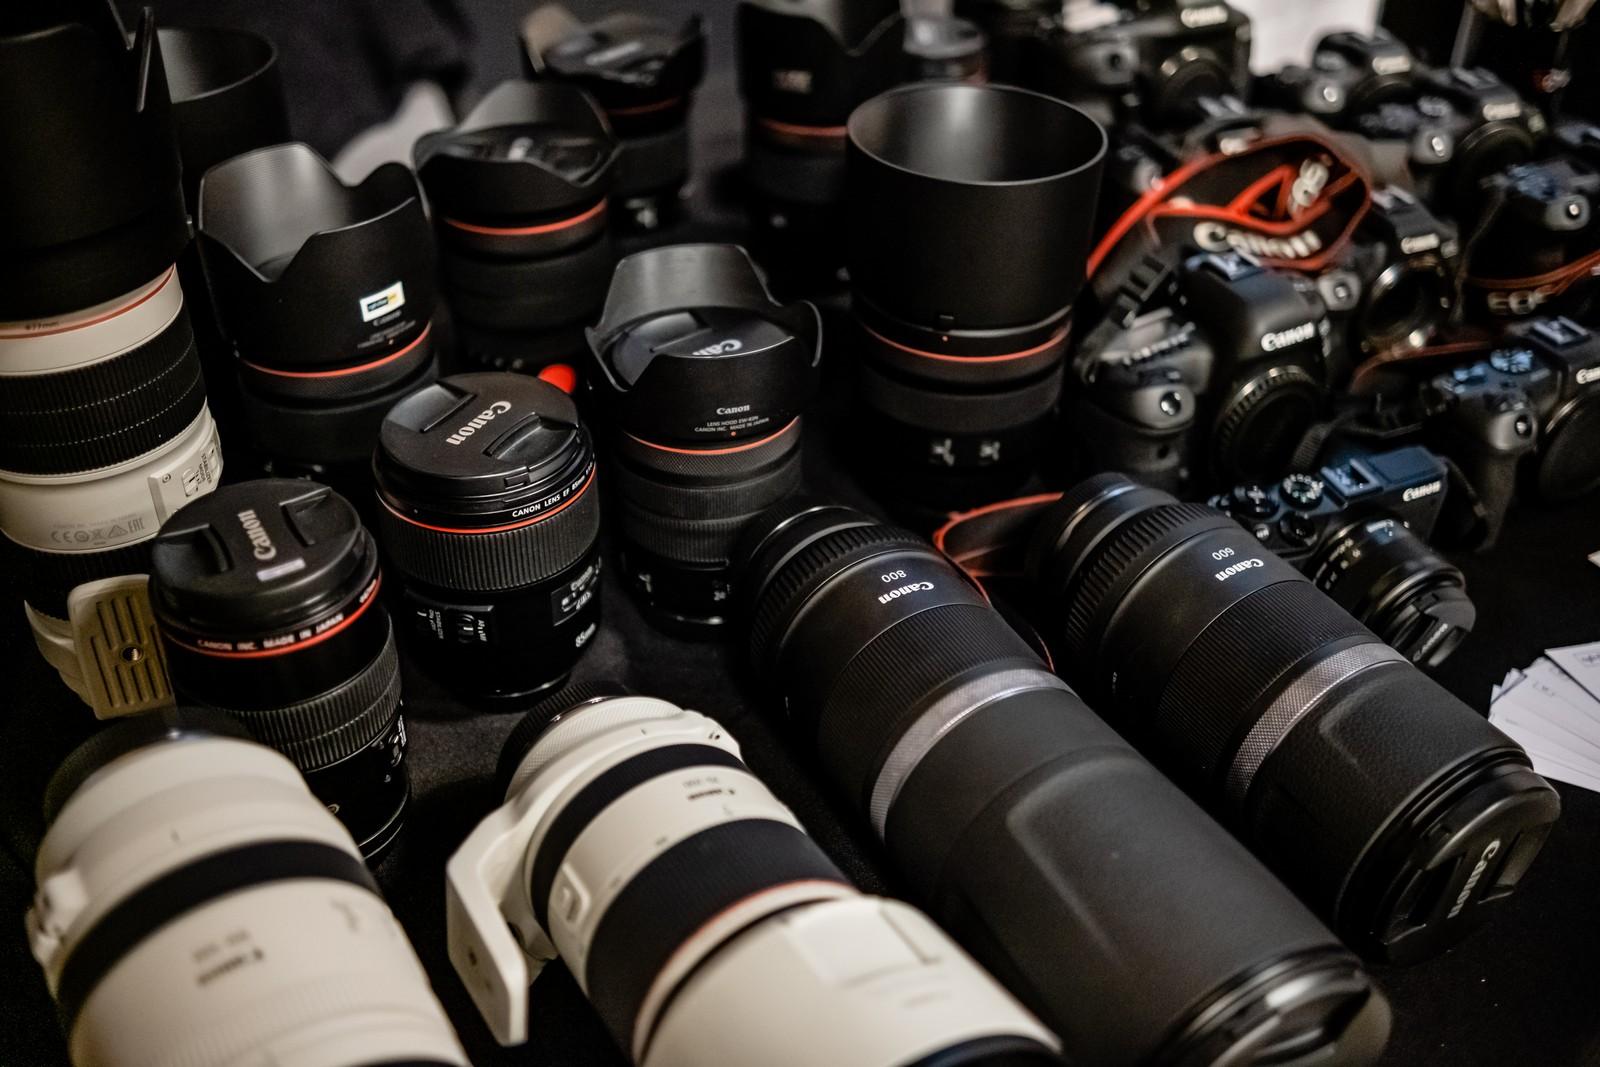 Canon obiektywy aparaty Fot. Jarosław Respondek